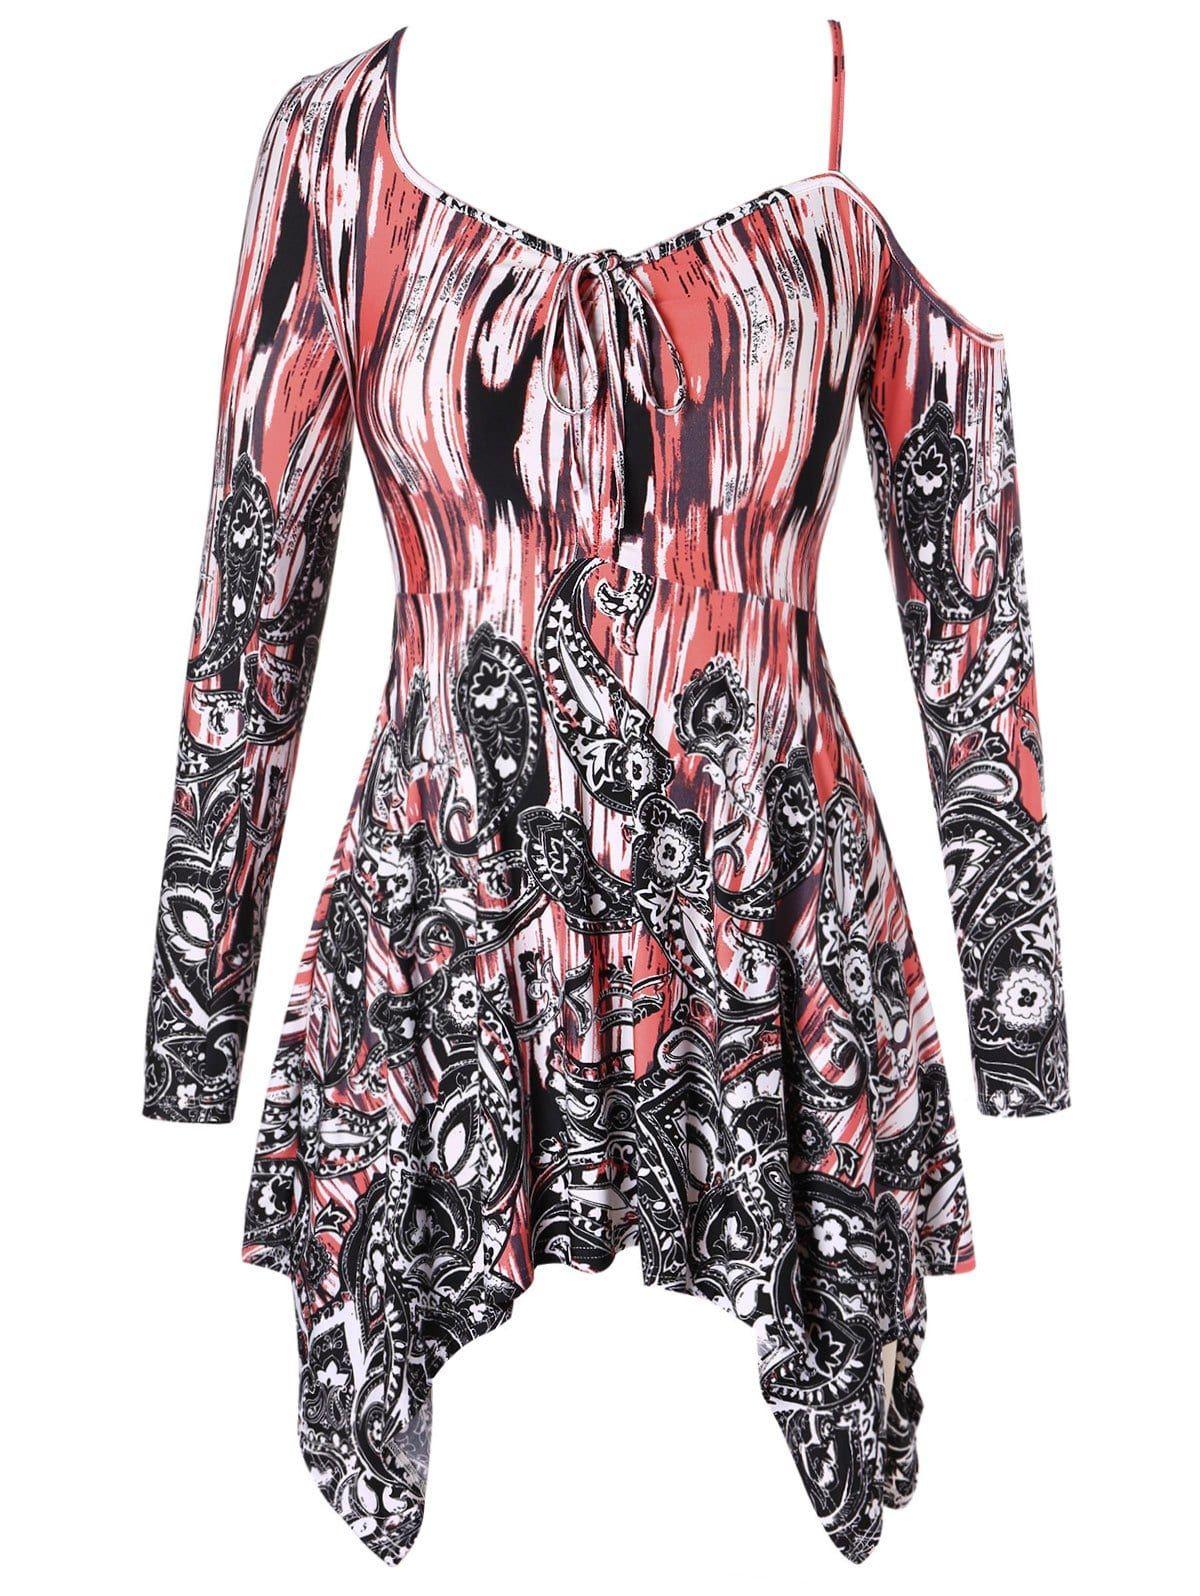 8fa9cf8bd8d Paisley Print Plus Size Skew Neck T-shirt Floral Blouse